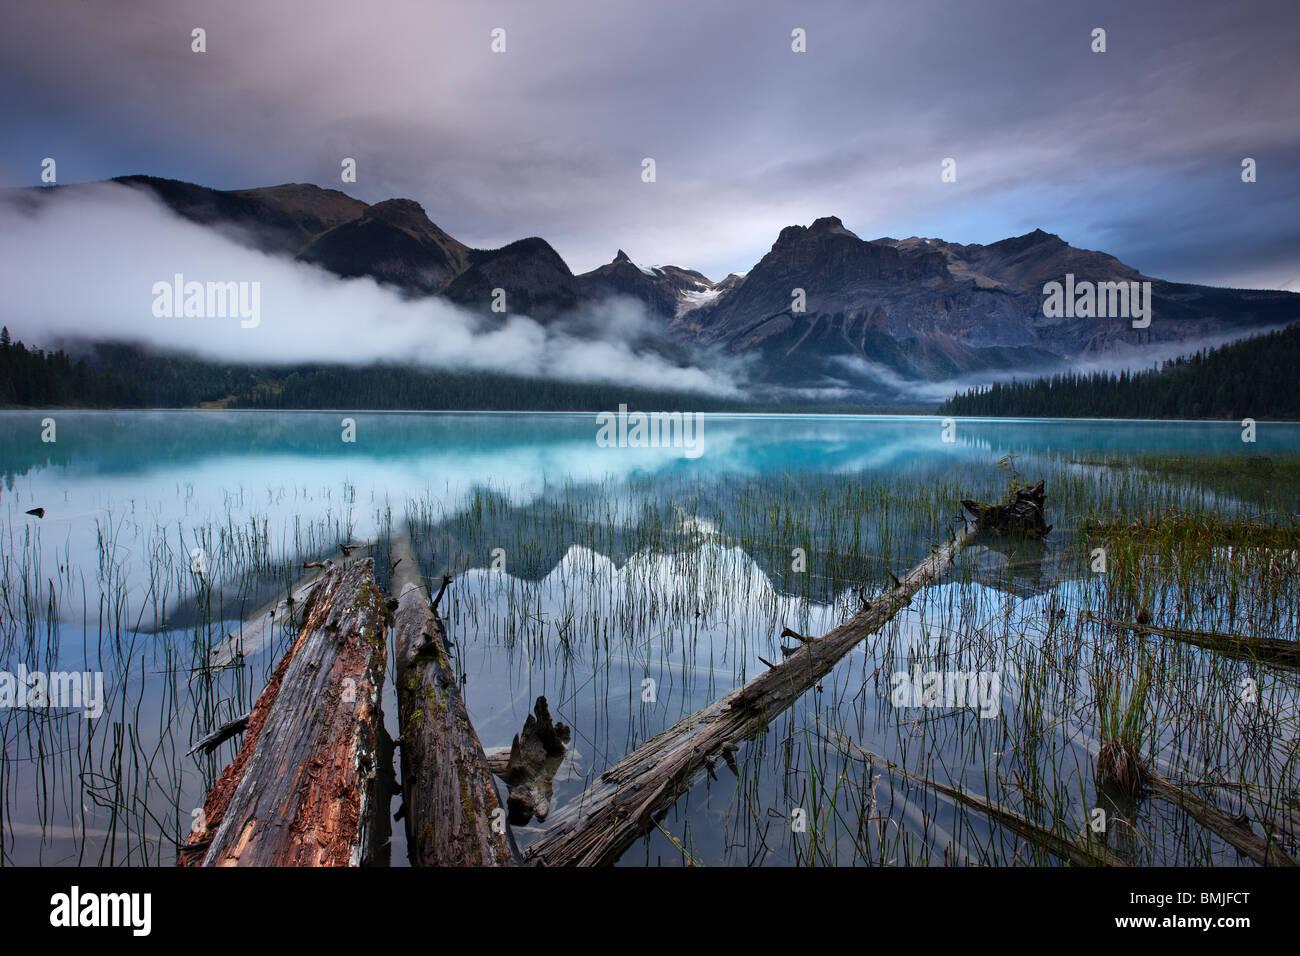 Emerald Lake à l'aube avec les pics du président au-delà de la plage, le parc national Yoho, Photo Stock